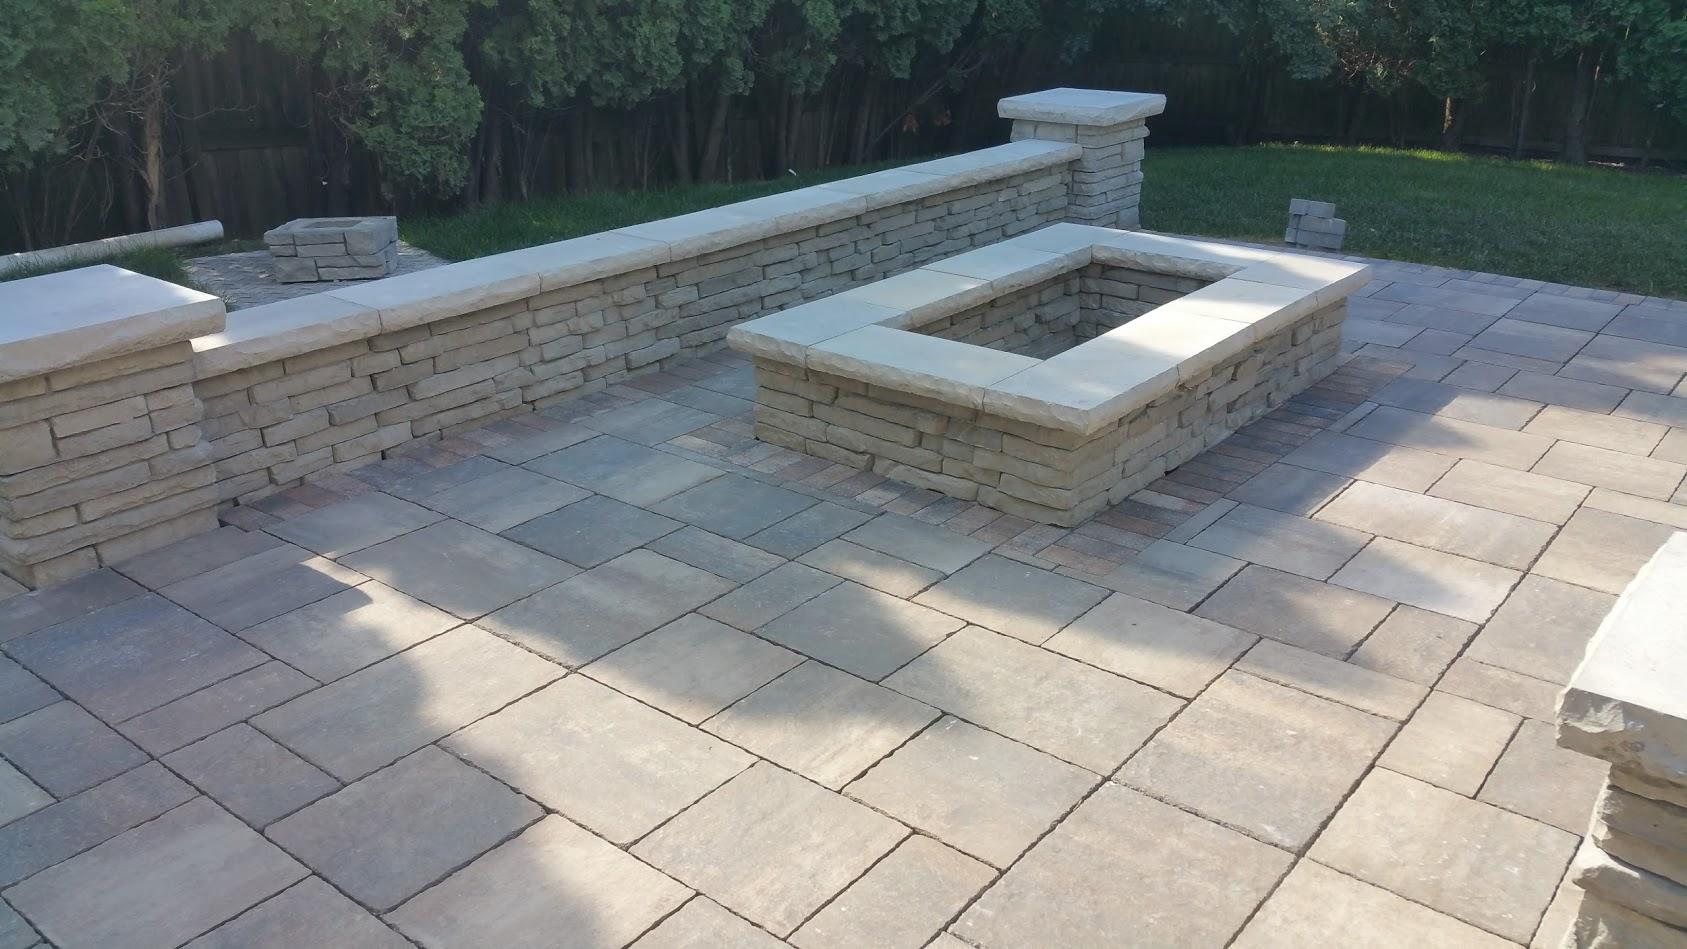 Stunning patio pavers in Wilmette, Illinois